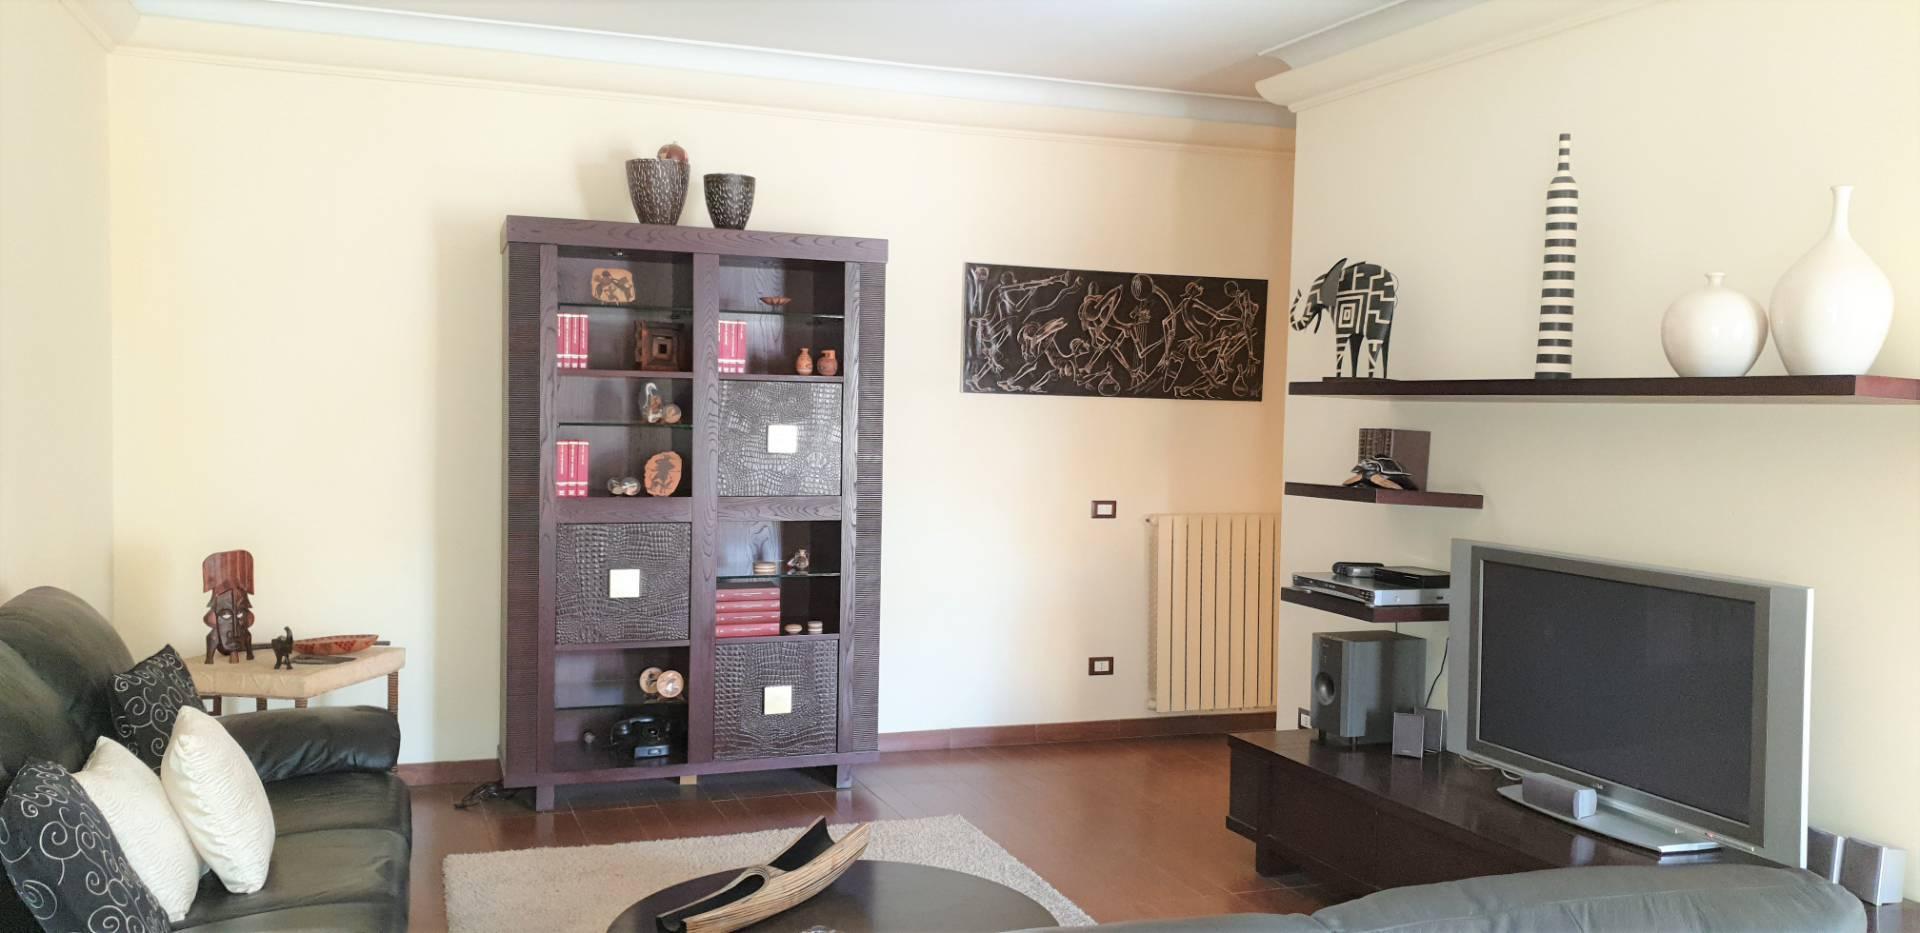 Appartamento in vendita a Viterbo, 5 locali, zona Zona: Centro, prezzo € 114.000 | CambioCasa.it